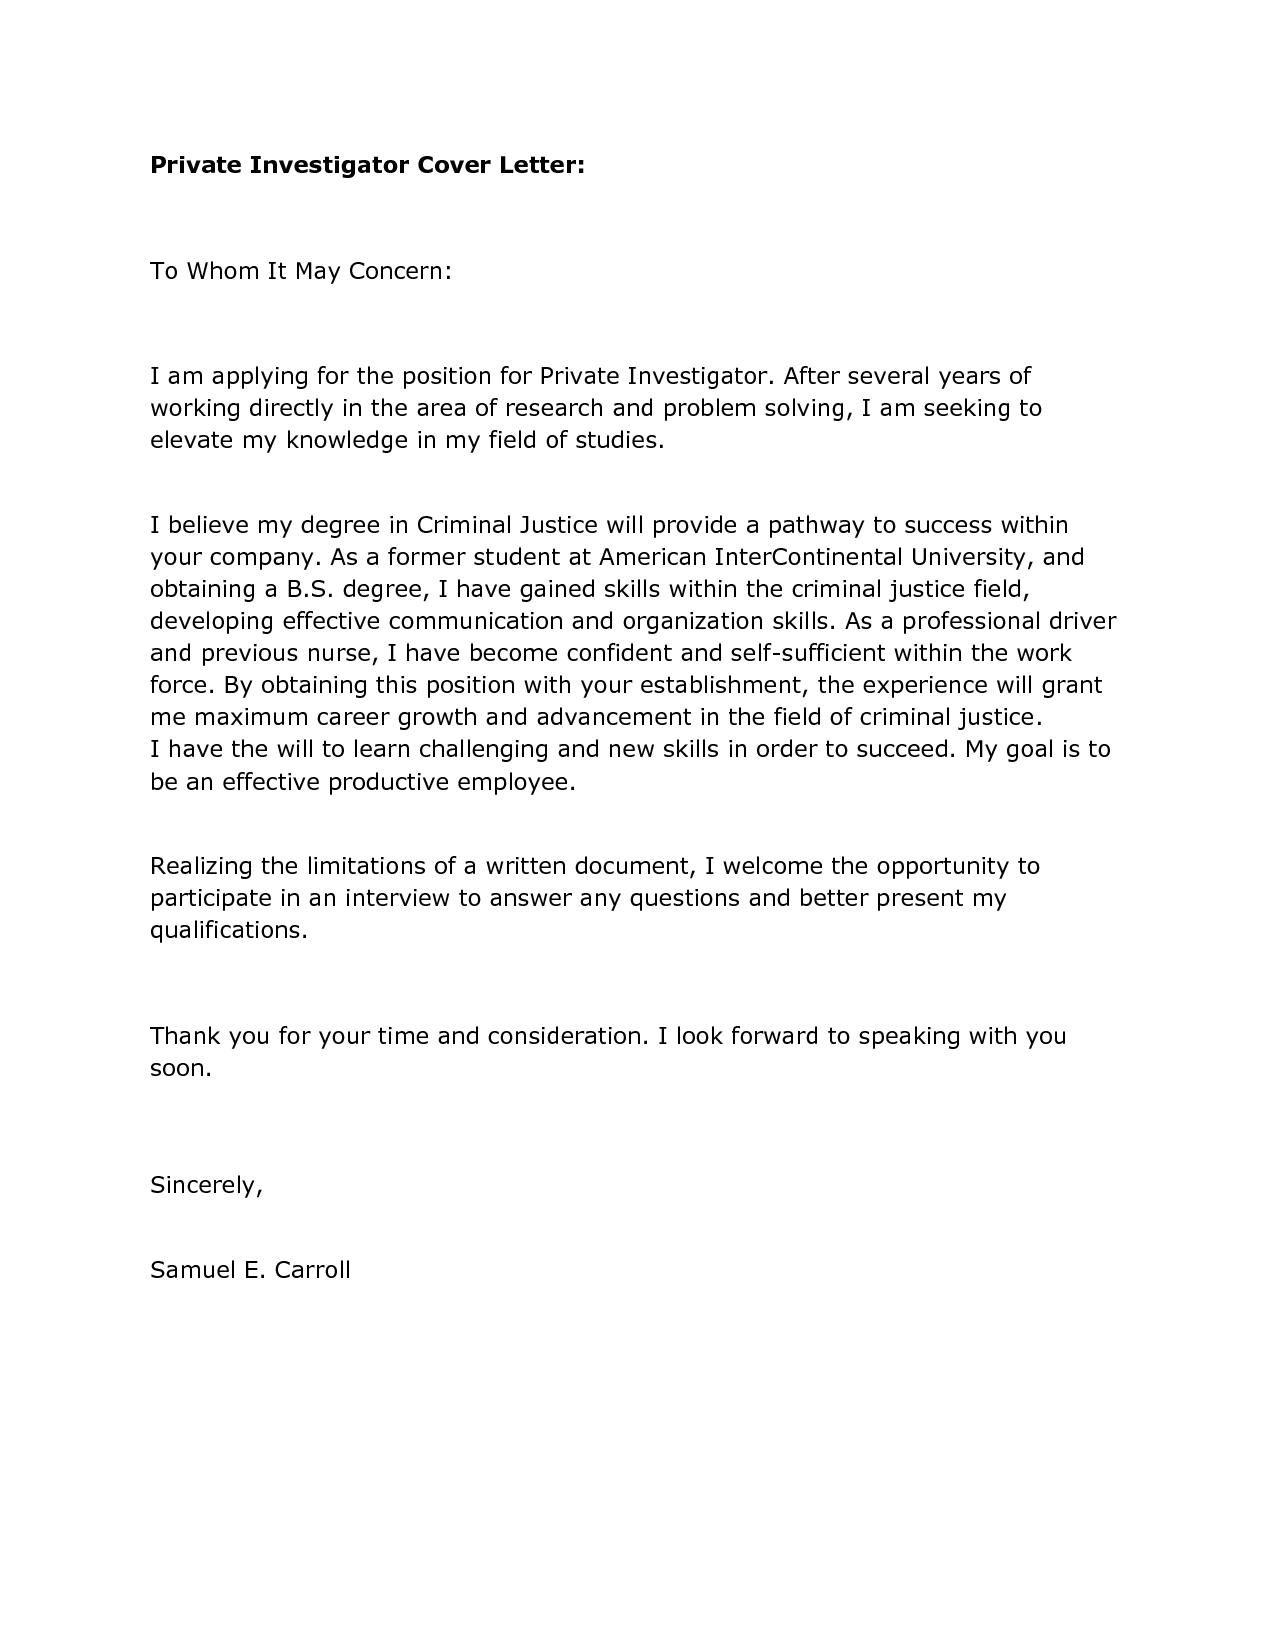 Cover Letter For Internship Position Criminal Justice Criminal Justice Cover Letter For Resume Cover Letter For Internship